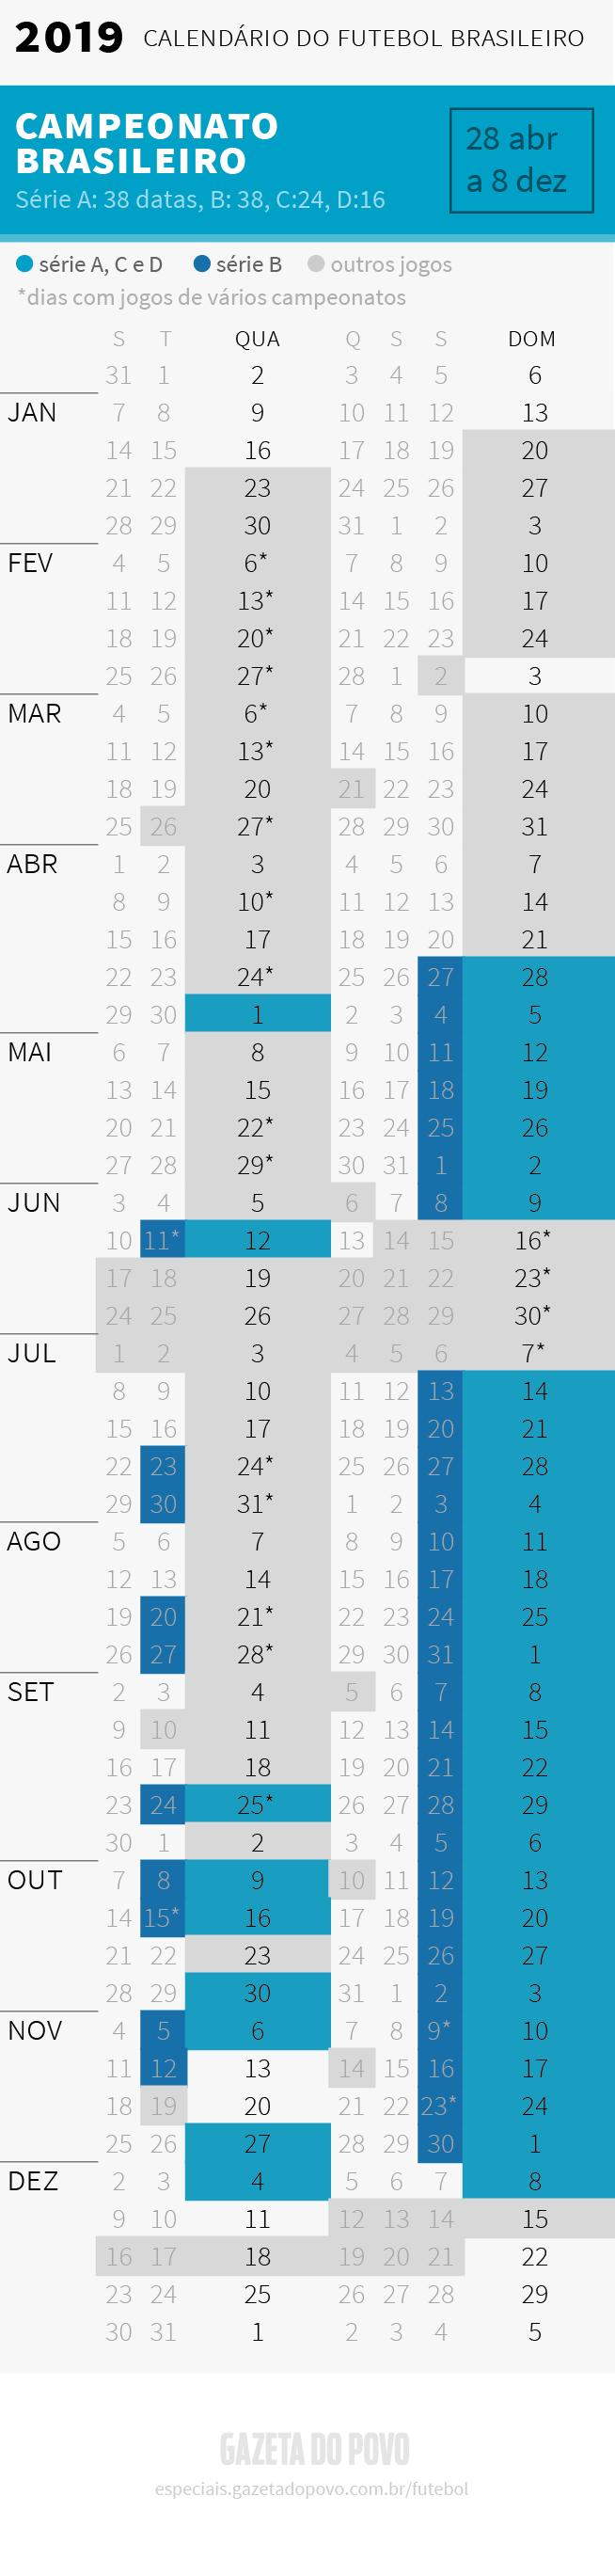 Calendário do Campeonato Brasileiro (série A, B, C e D) com a data de todos os jogos. A série A do Brasileirão começa em 28 de abril.